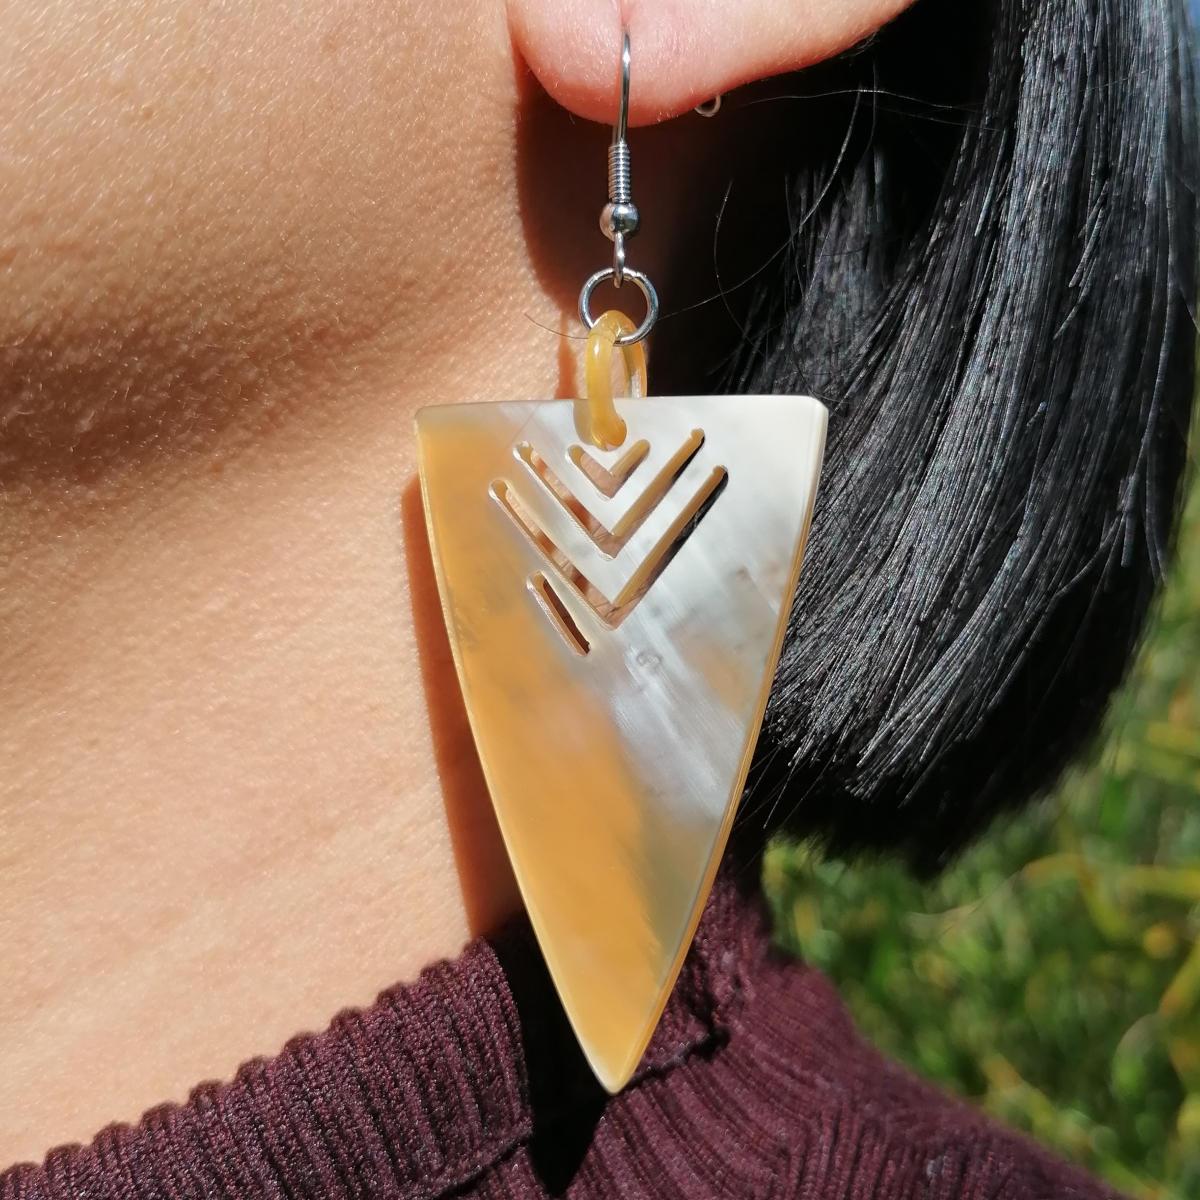 Ethnische Horn Ohrringe aus natürlichem Rinderhorn - Fair Trade Hornschmuck